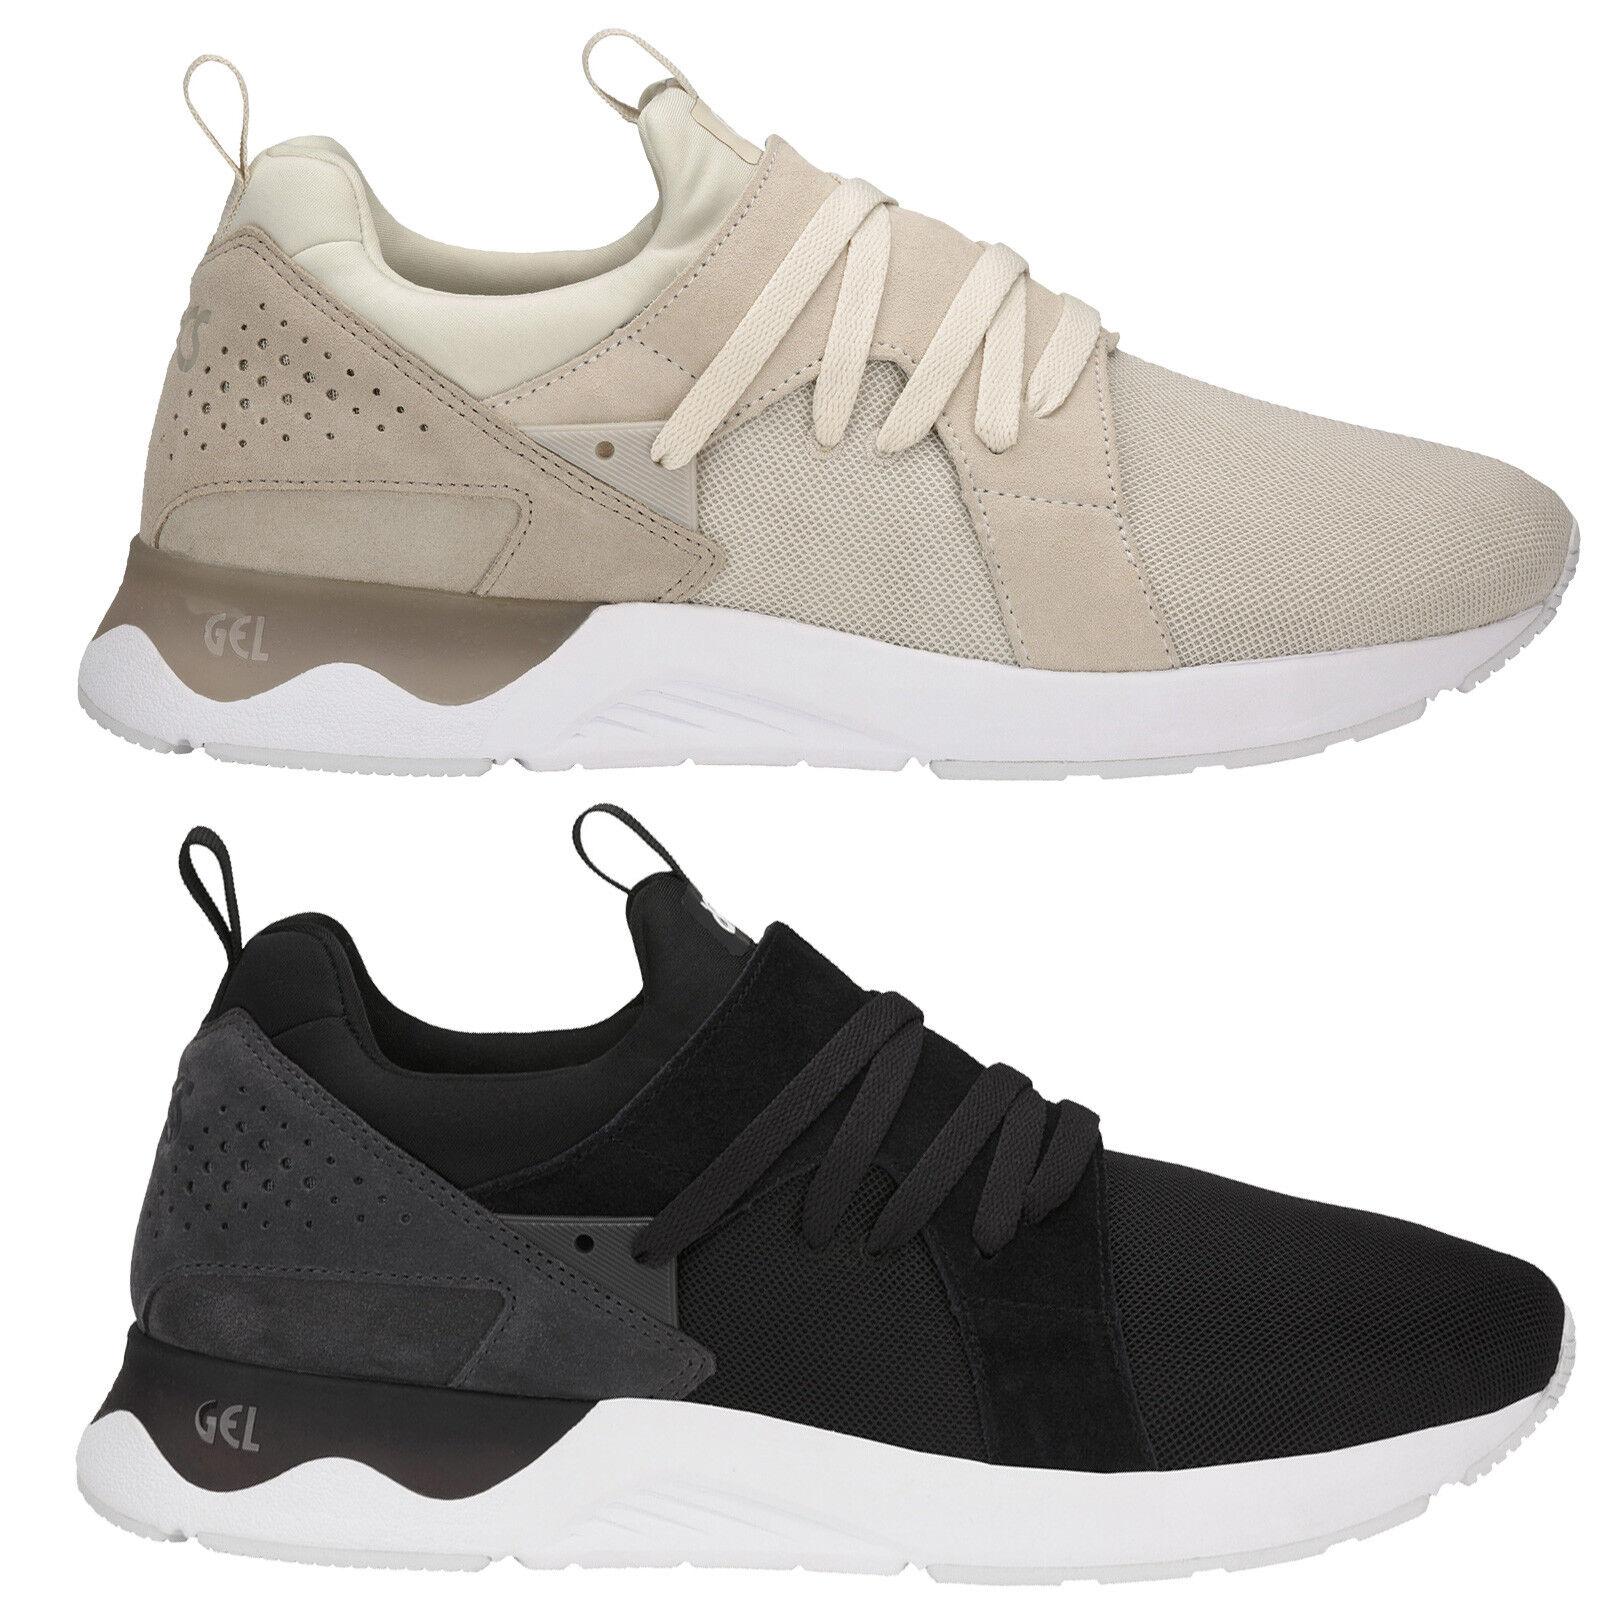 Asics Tiger Gel-Lyte V   5 SANZE Femmes-baskets Chaussures Basses Sport Chaussures De Sport